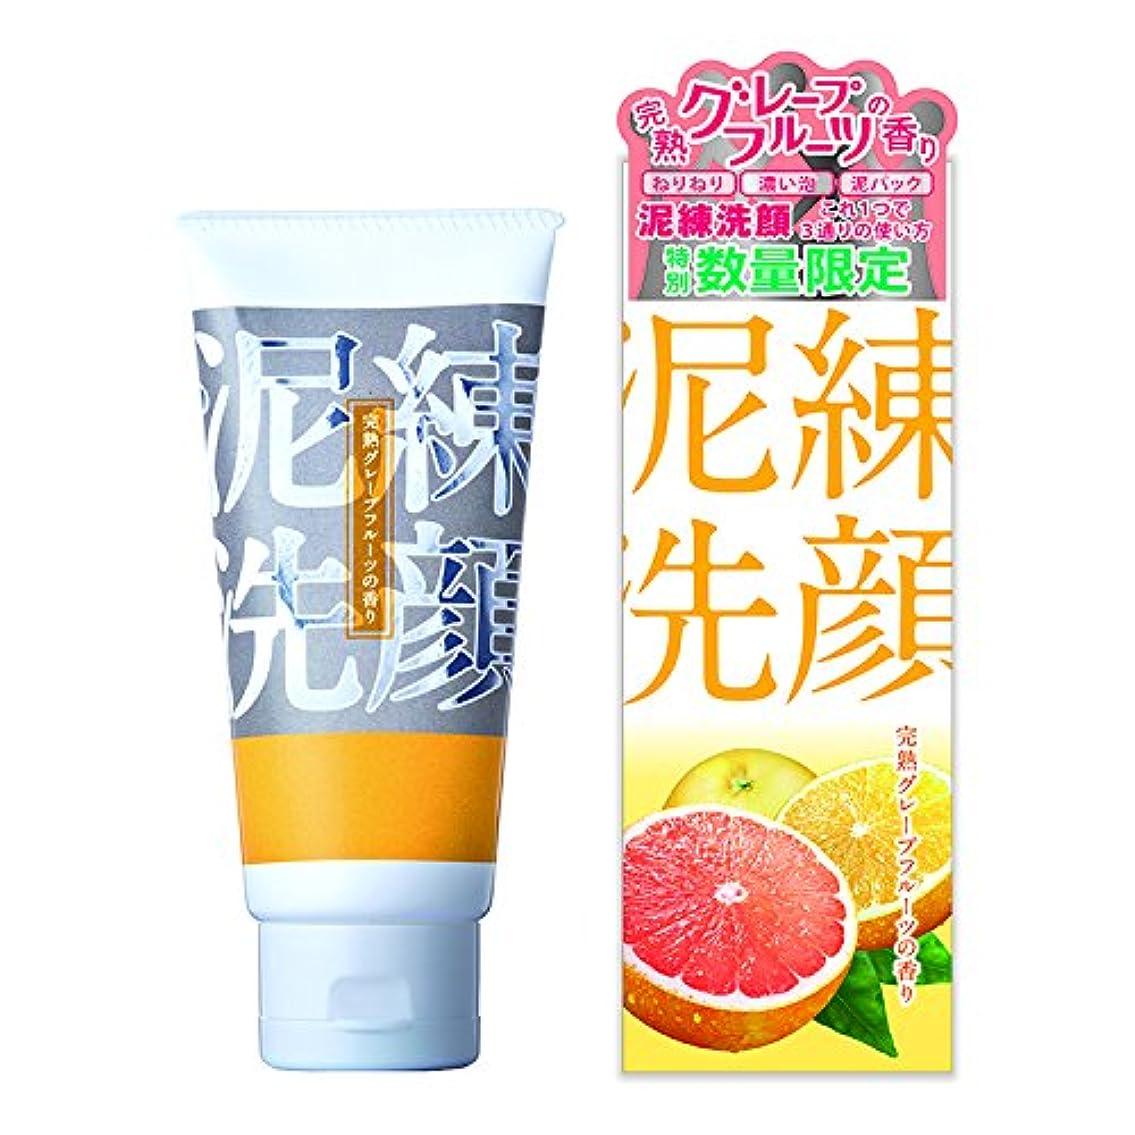 とは異なりアクションジェム泥練洗顔 完熟グレープフルーツの香り 120g【泥 洗顔 6種の泥で 黒ずみ 毛穴 洗浄 3つの使い方】